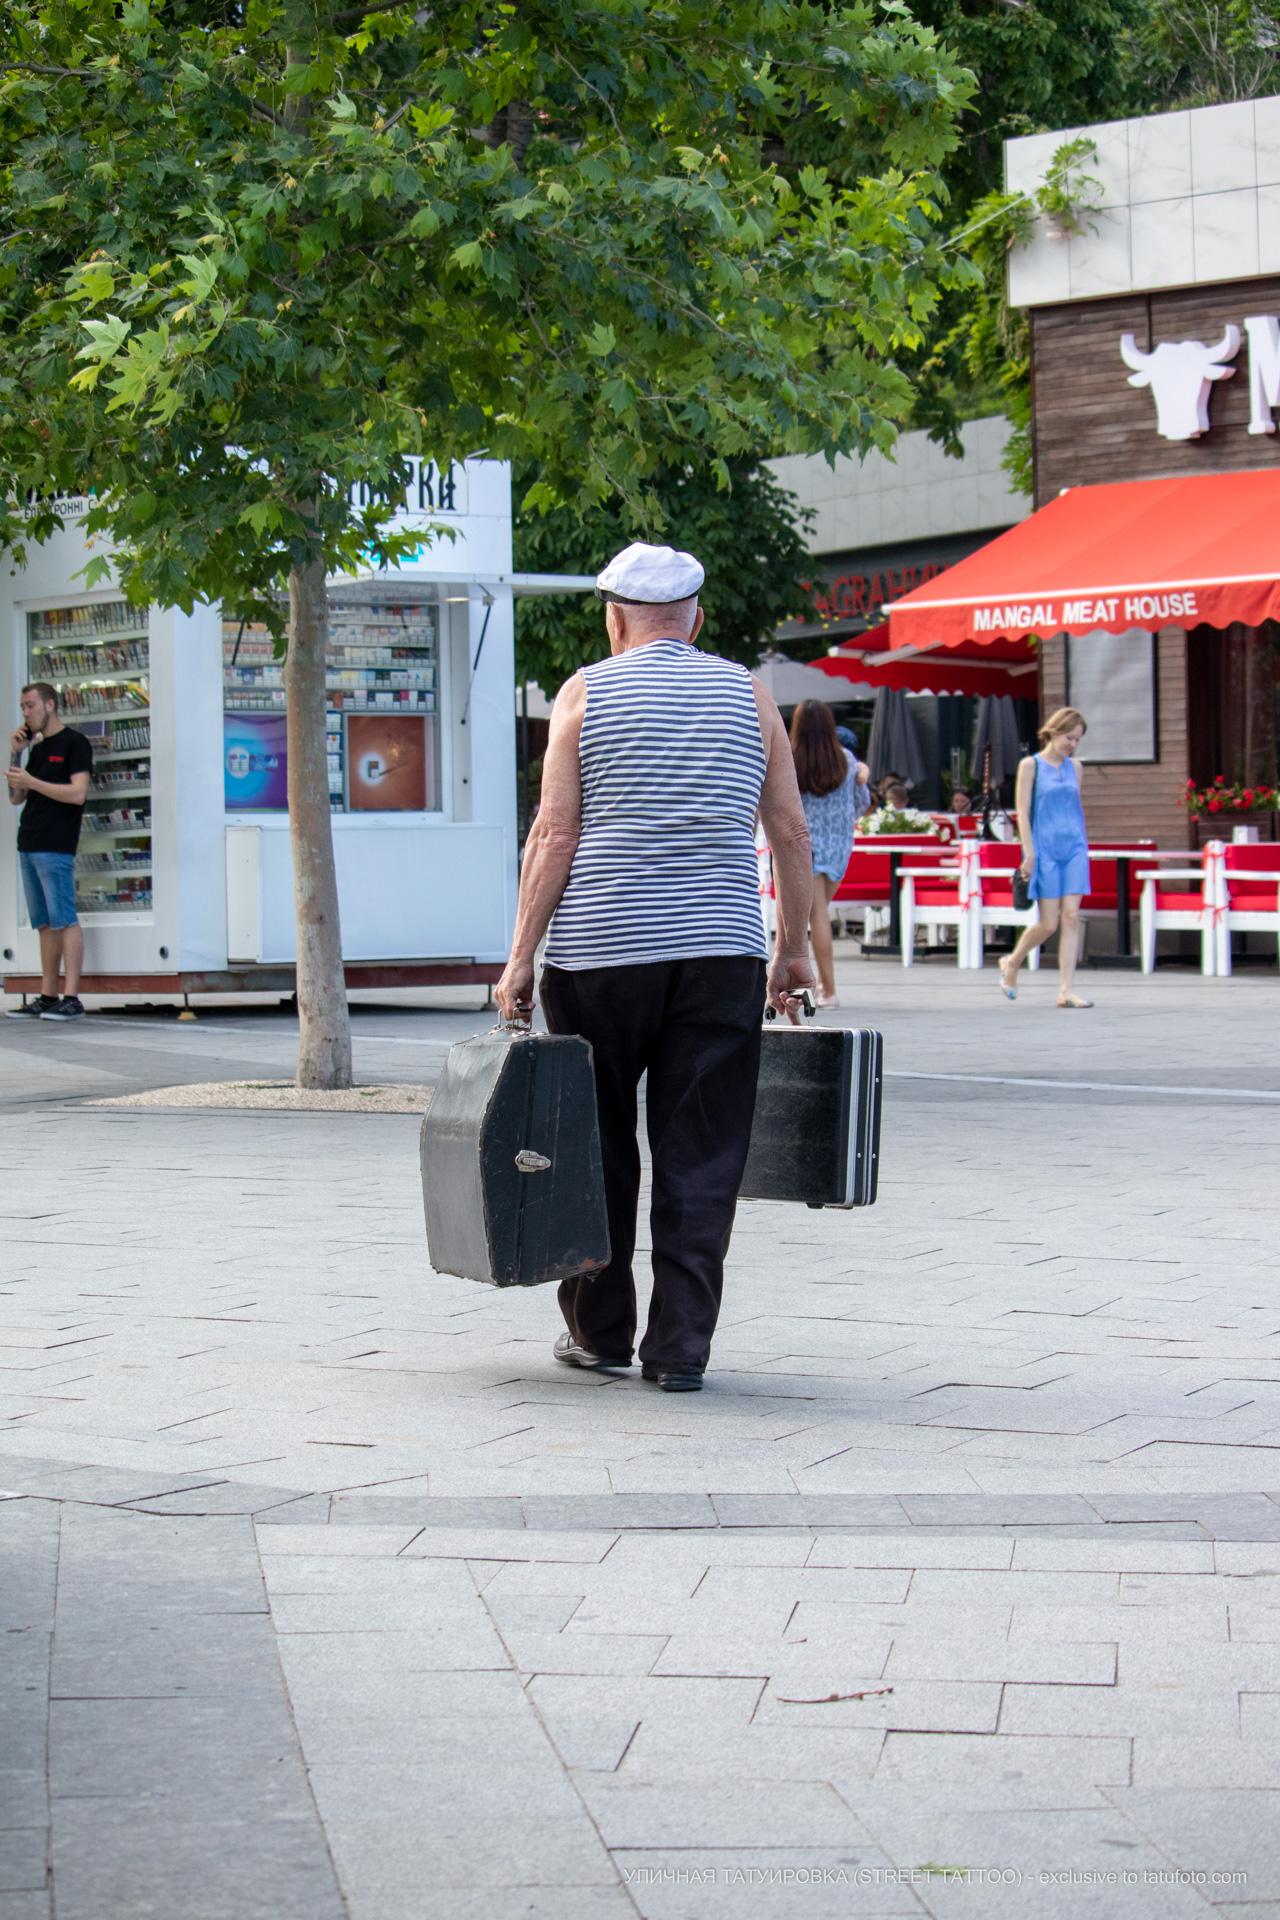 Фото ветерана который играет на улице на баяне – Уличная татуировка (street tattoo) № 06 – 18.06.2020 – tatufoto.com 1